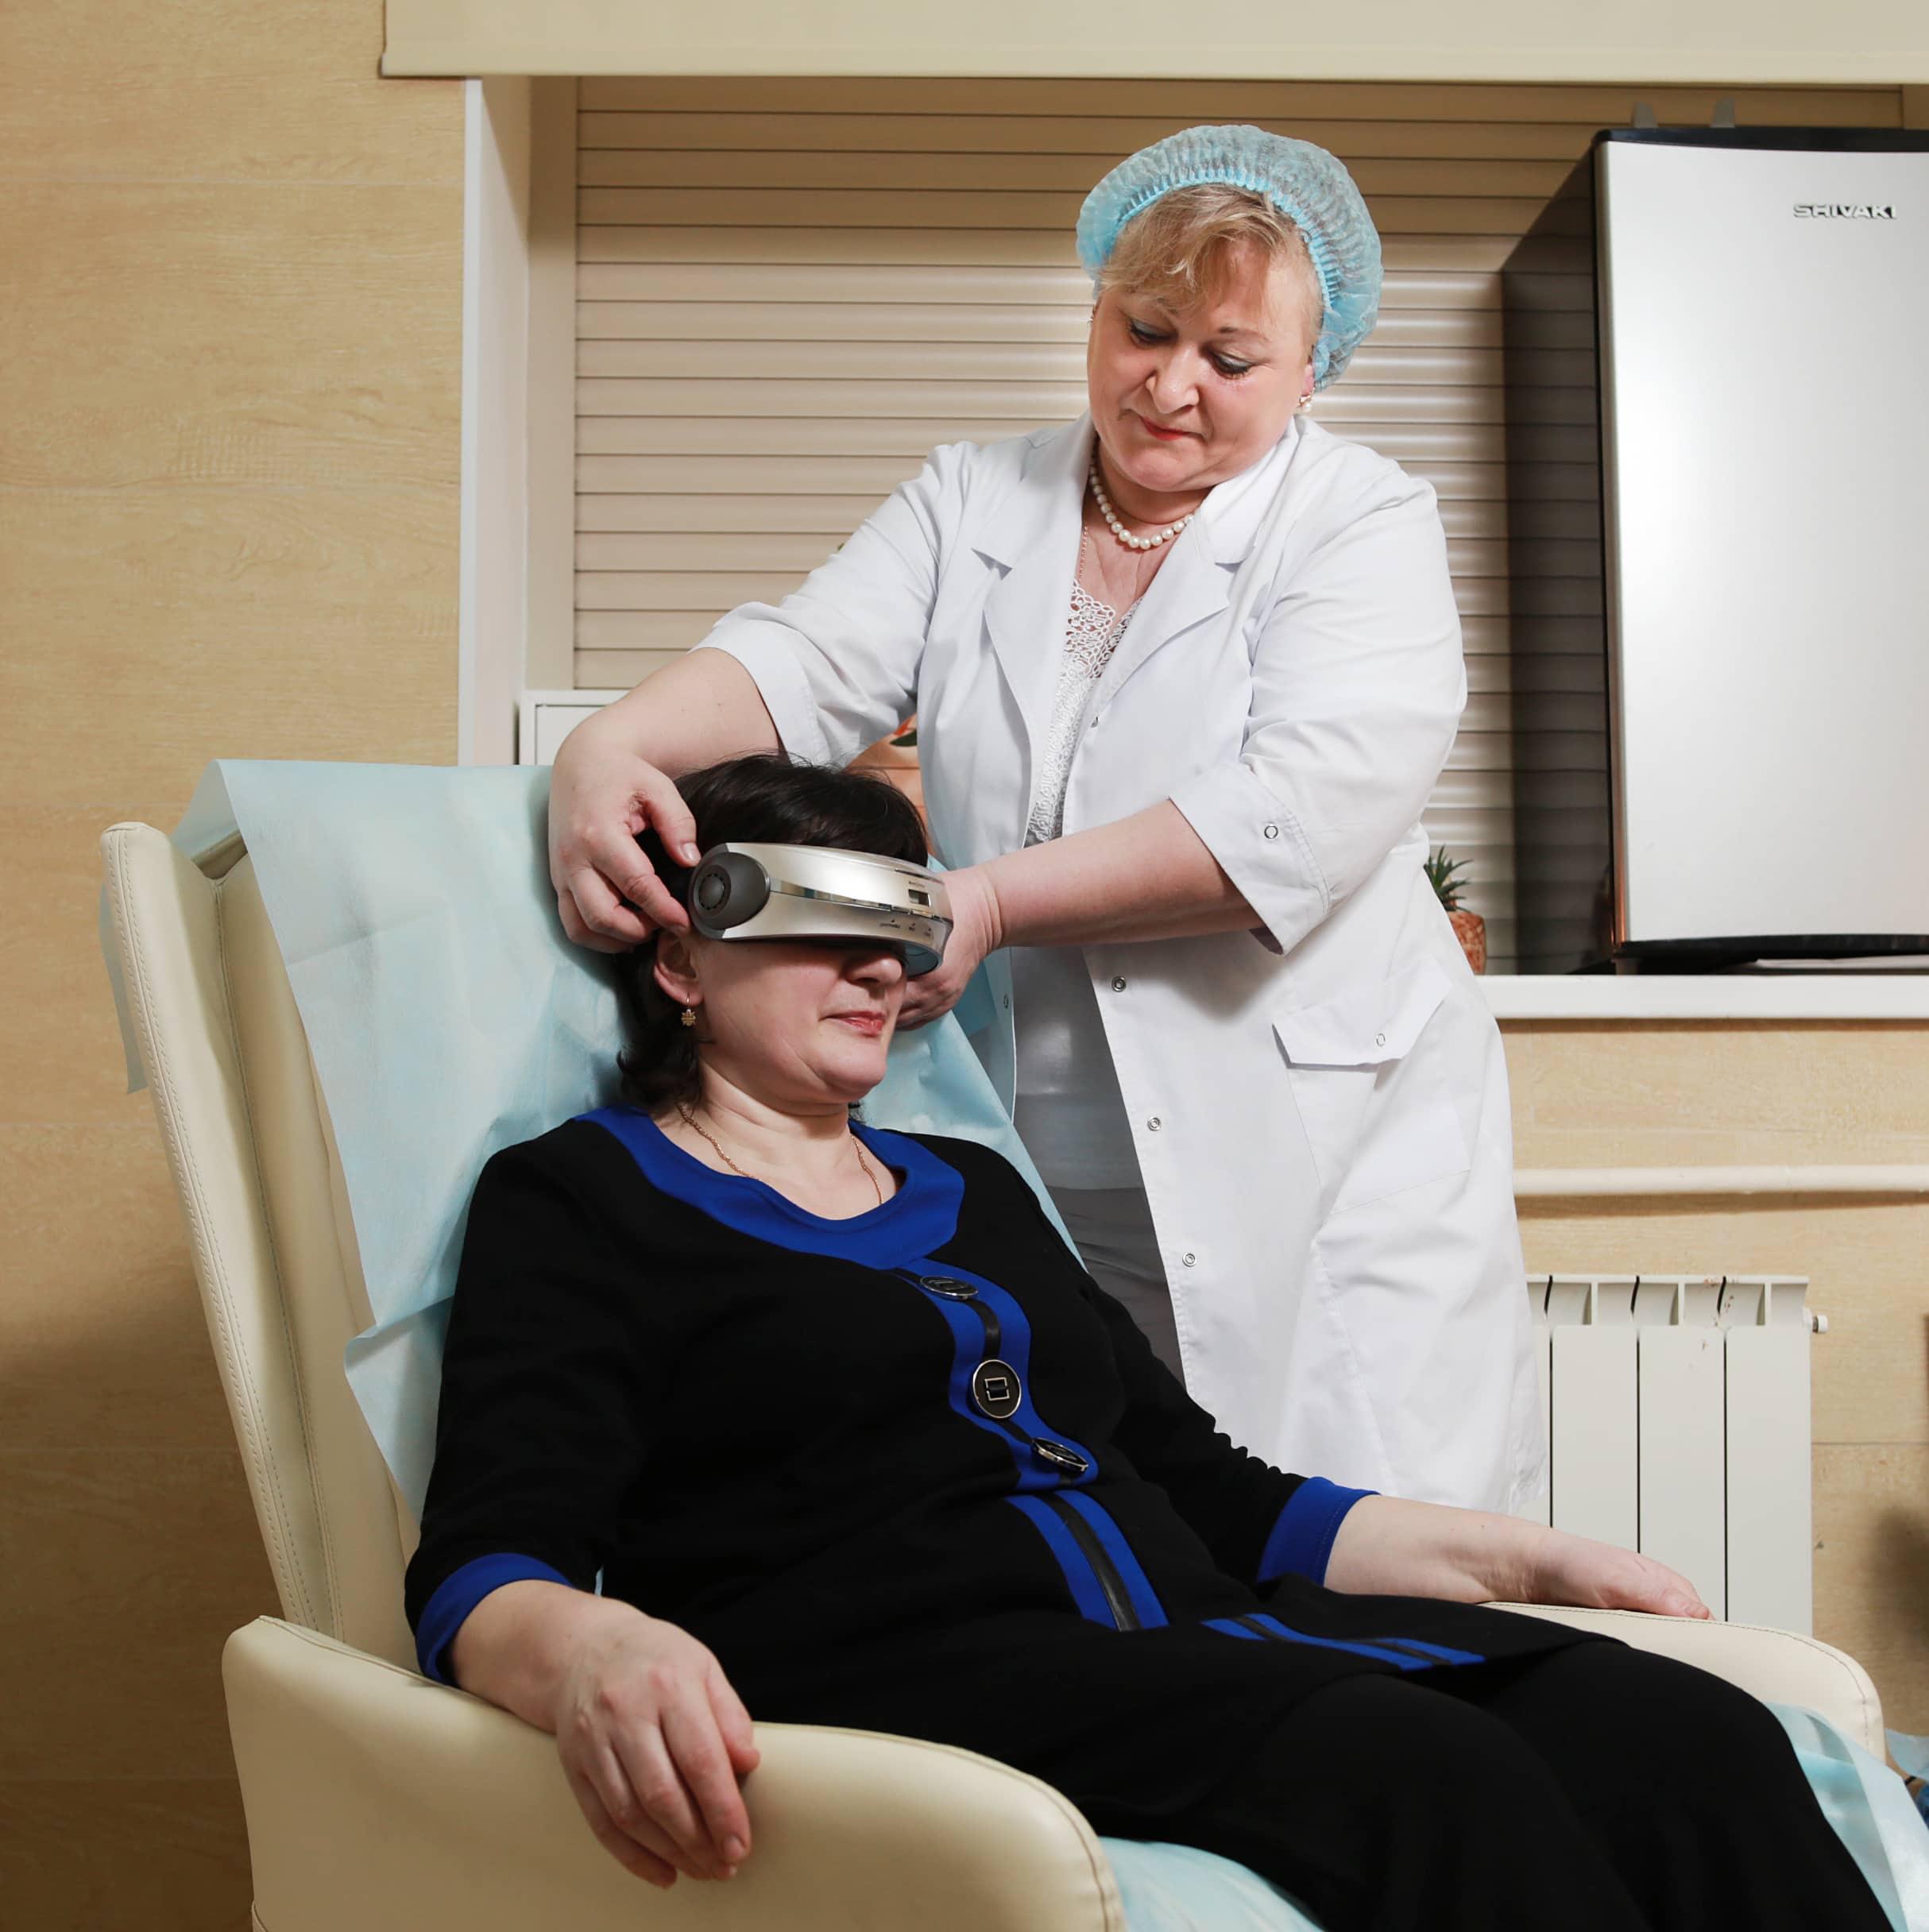 лечение табакокурения недорого клиника москва